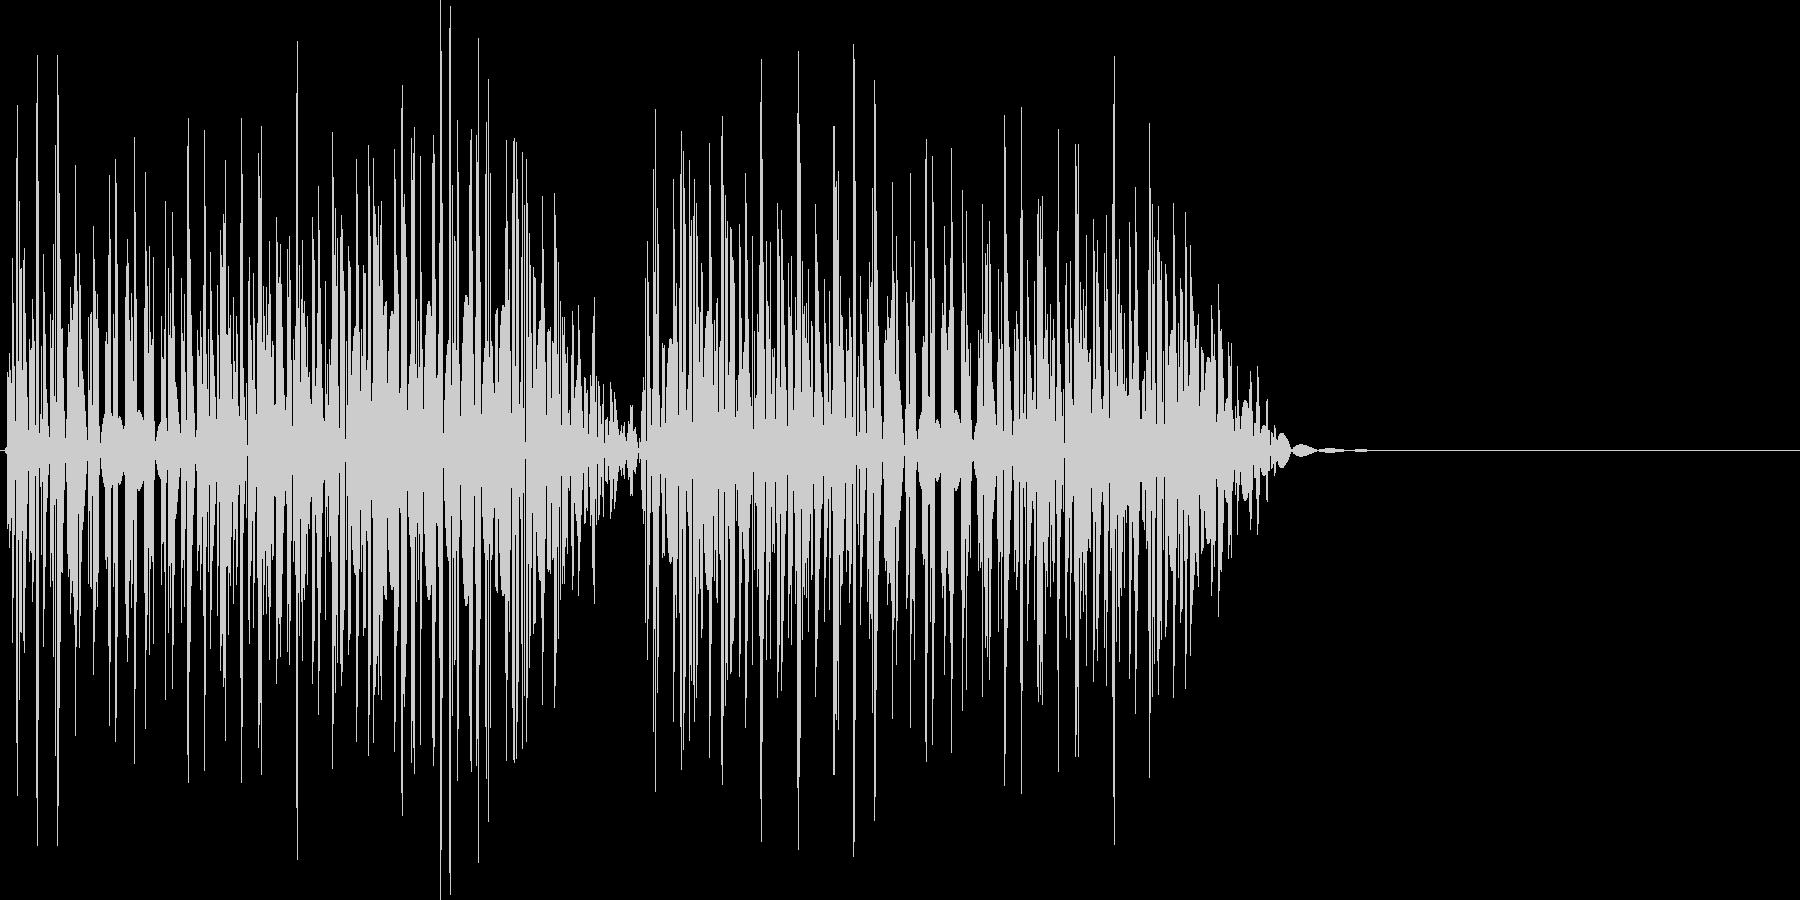 クイズ不正解(ブブッ)の未再生の波形